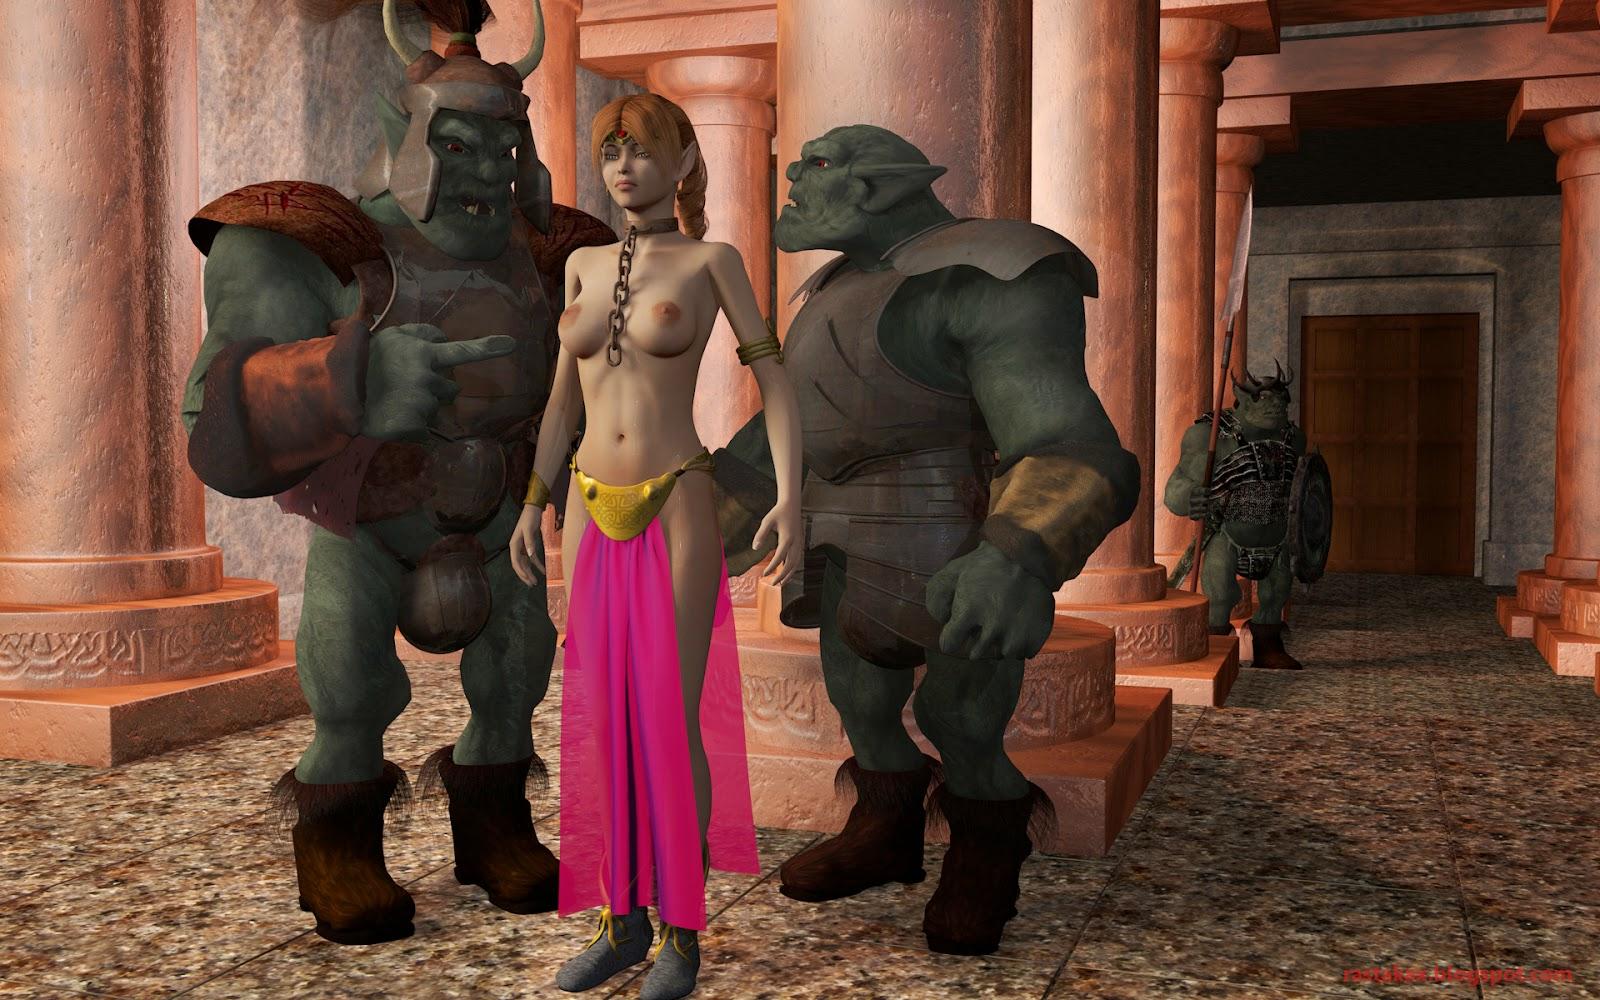 Sexy fantasy armor sex scene